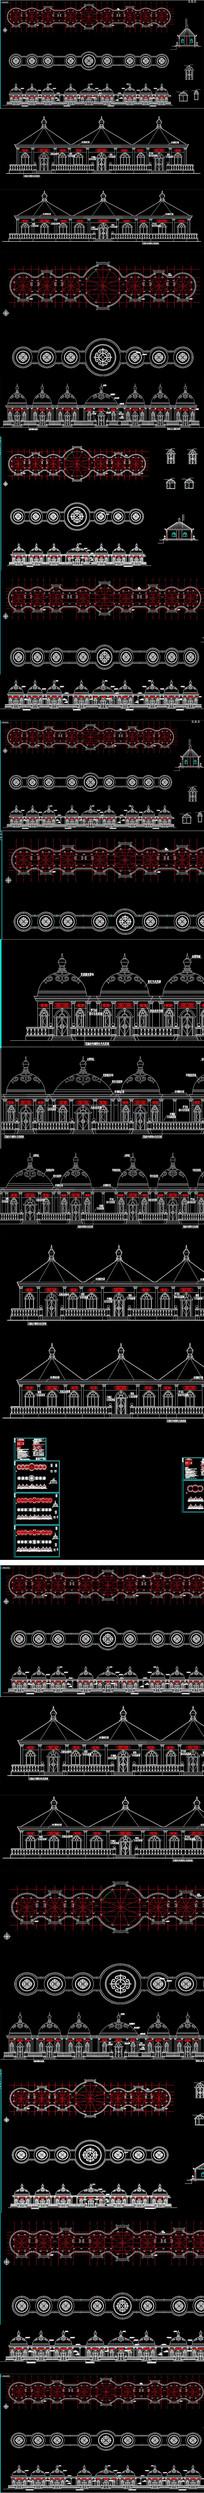 砖混结构蒙古包饭店建筑施工